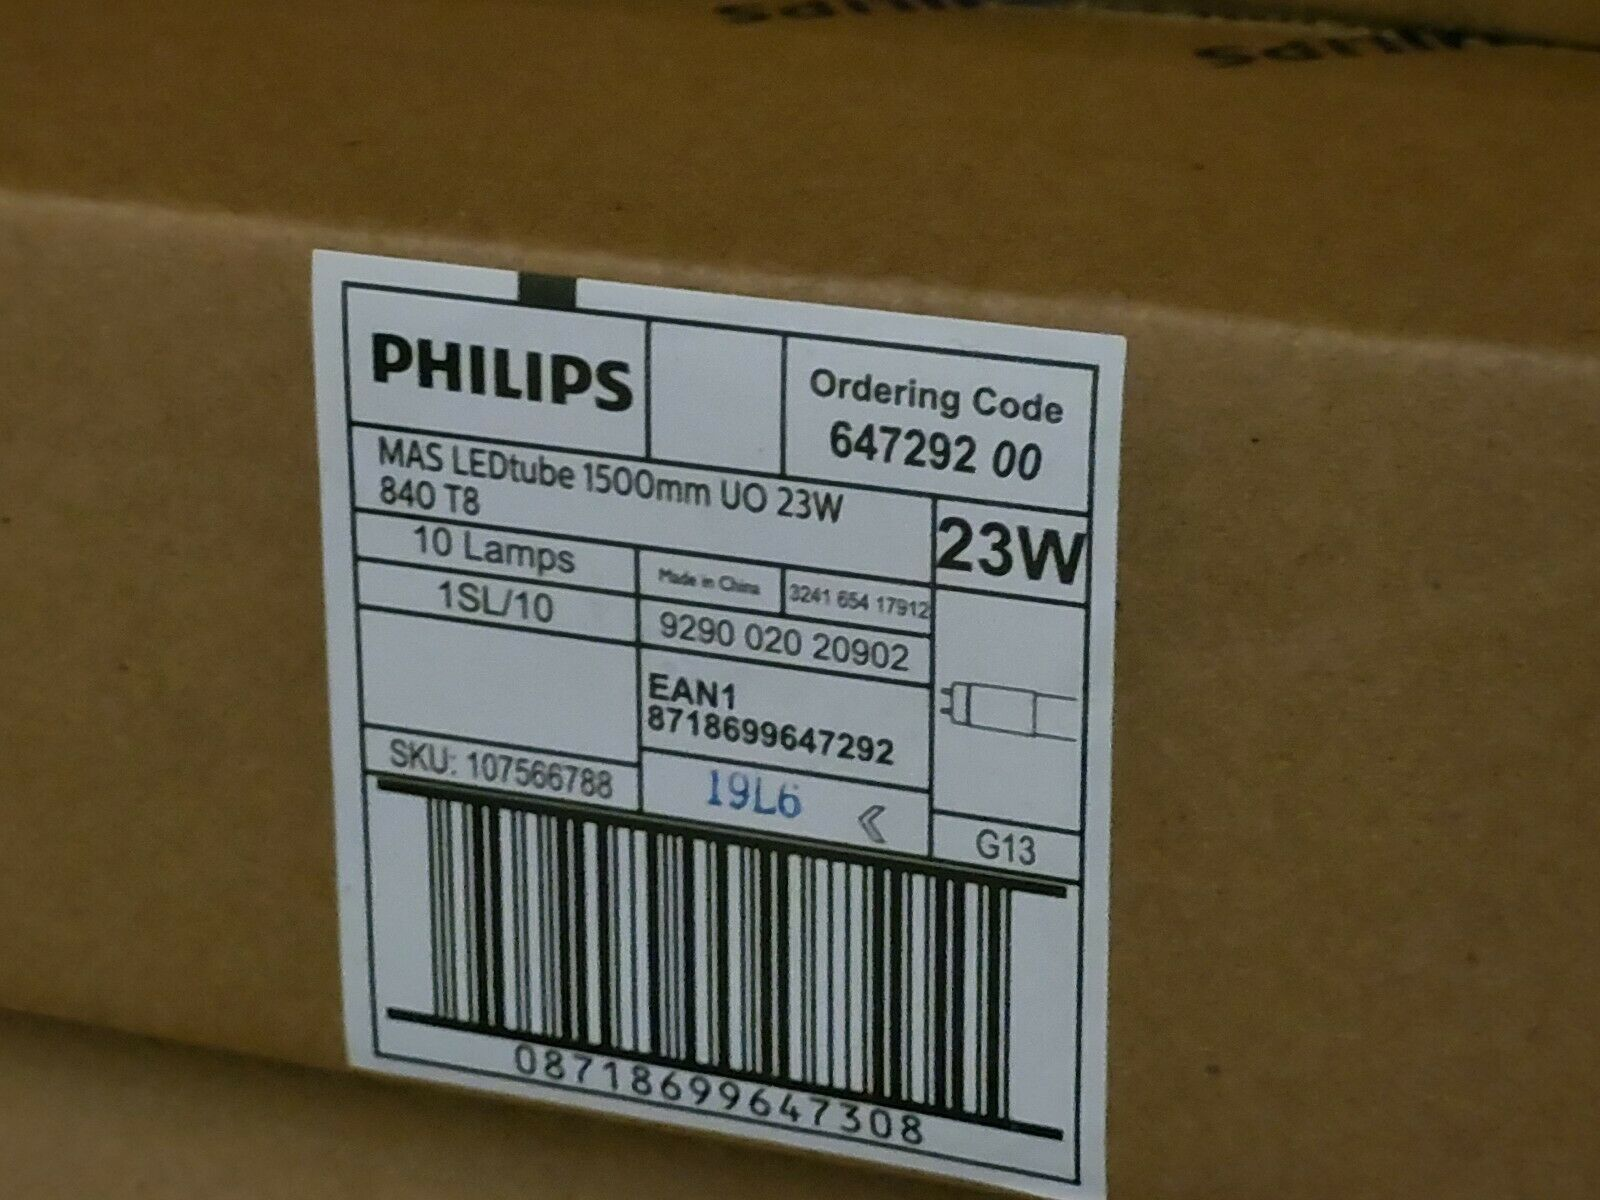 10x Philips Master LEDtube 1500 UO 23W 840 T8 LED Leuchtstoffröhre Ersatz